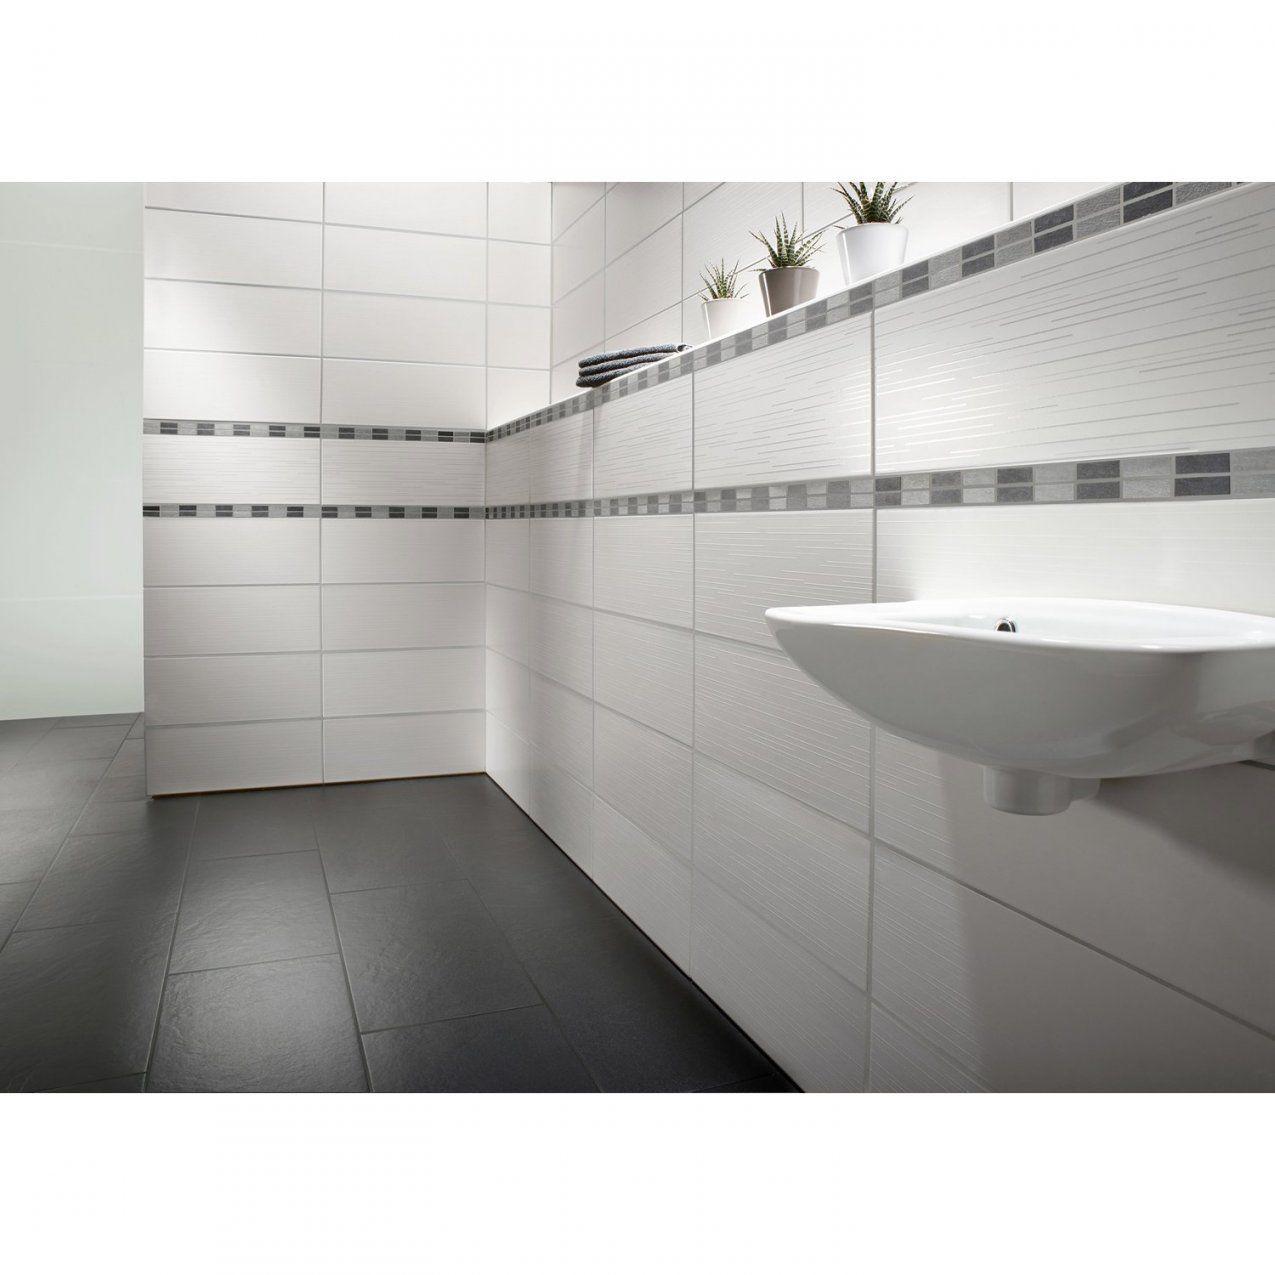 Wandfliese Smart Uni Weiß Matt Linienoptik 20 Cm X 50 Cm Kaufen Bei Obi von Fliesen Angebote Bei Obi Bild